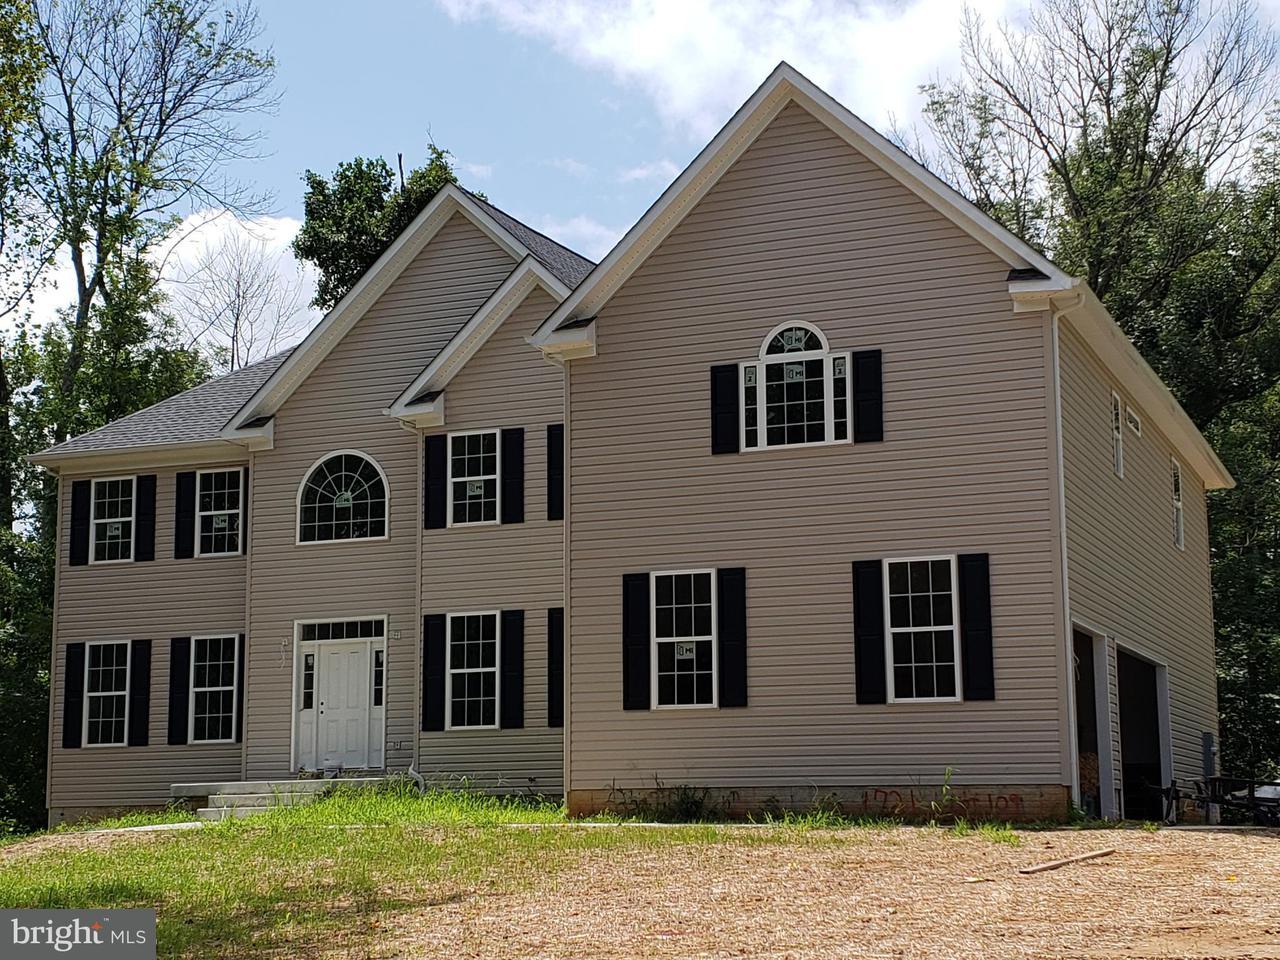 Casa Unifamiliar por un Venta en 109 CAMP GEARY Lane 109 CAMP GEARY Lane Stafford, Virginia 22554 Estados Unidos